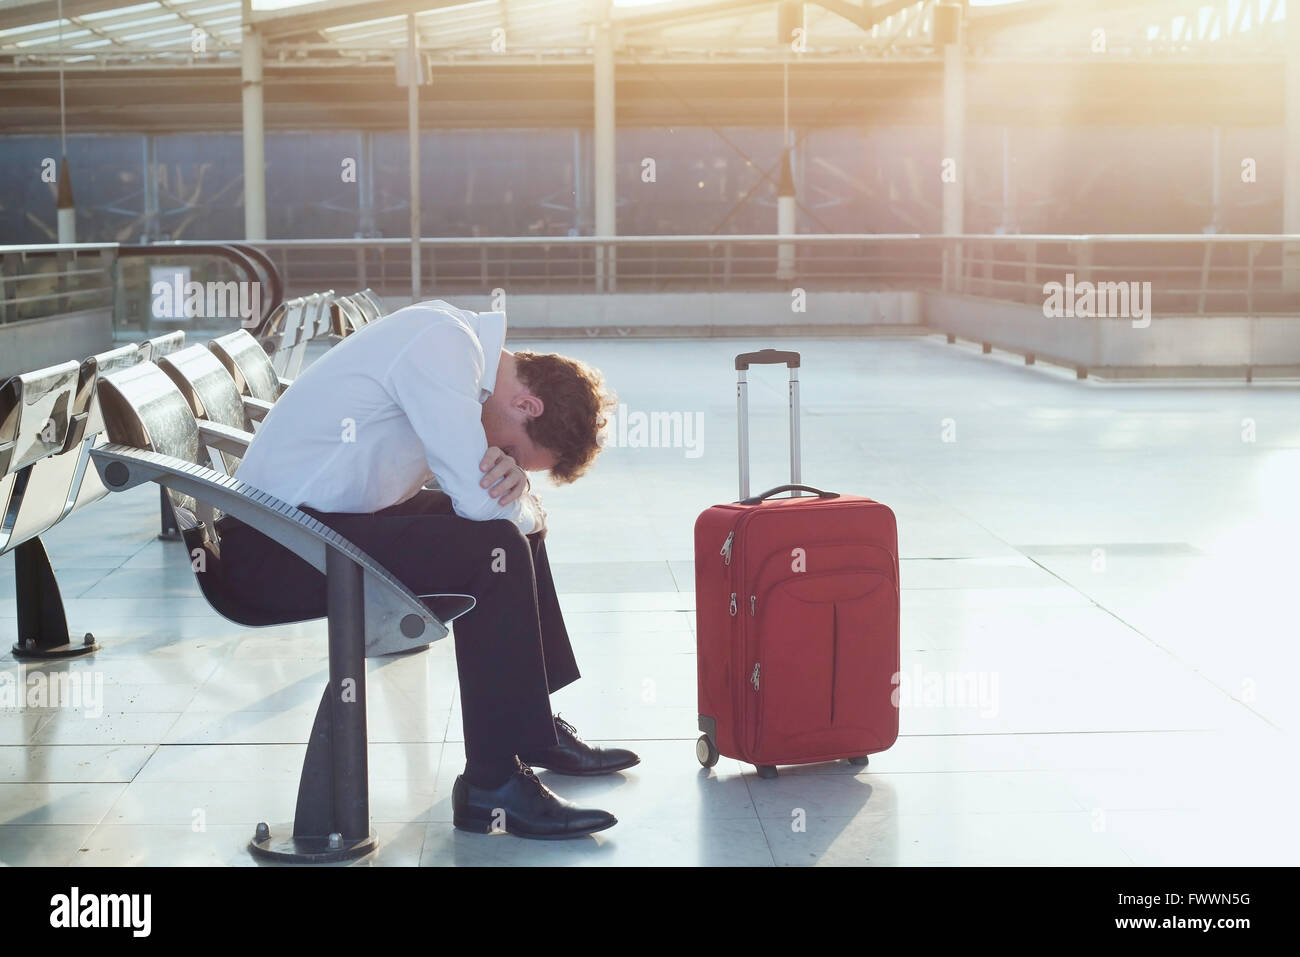 Problème de transport, retard du vol, déprimé avec ses bagages de banlieue Banque D'Images